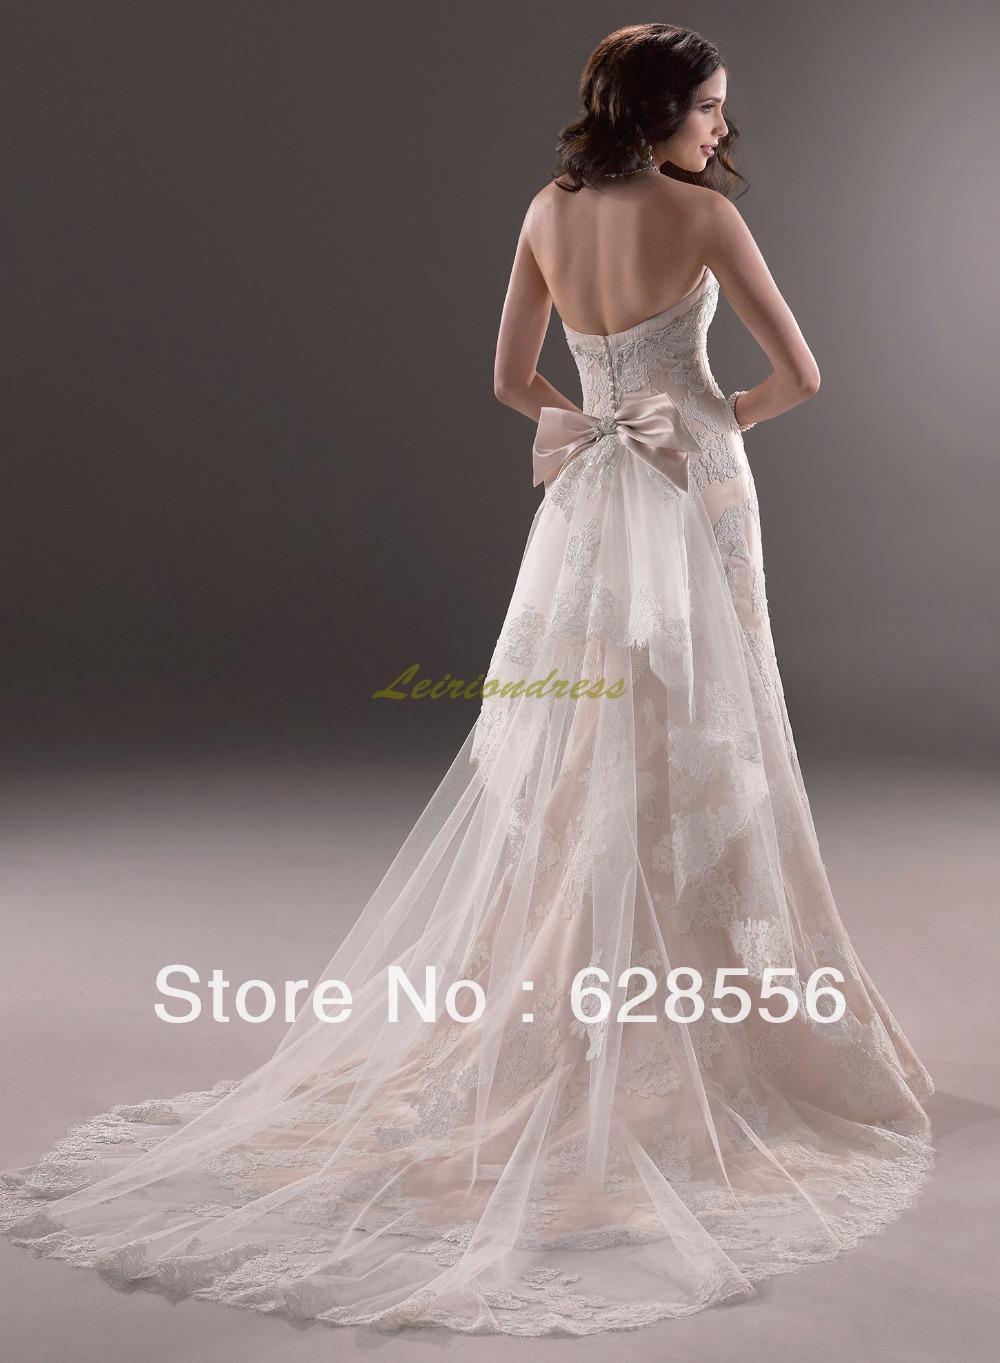 Vestidos de boda ocasional blanco